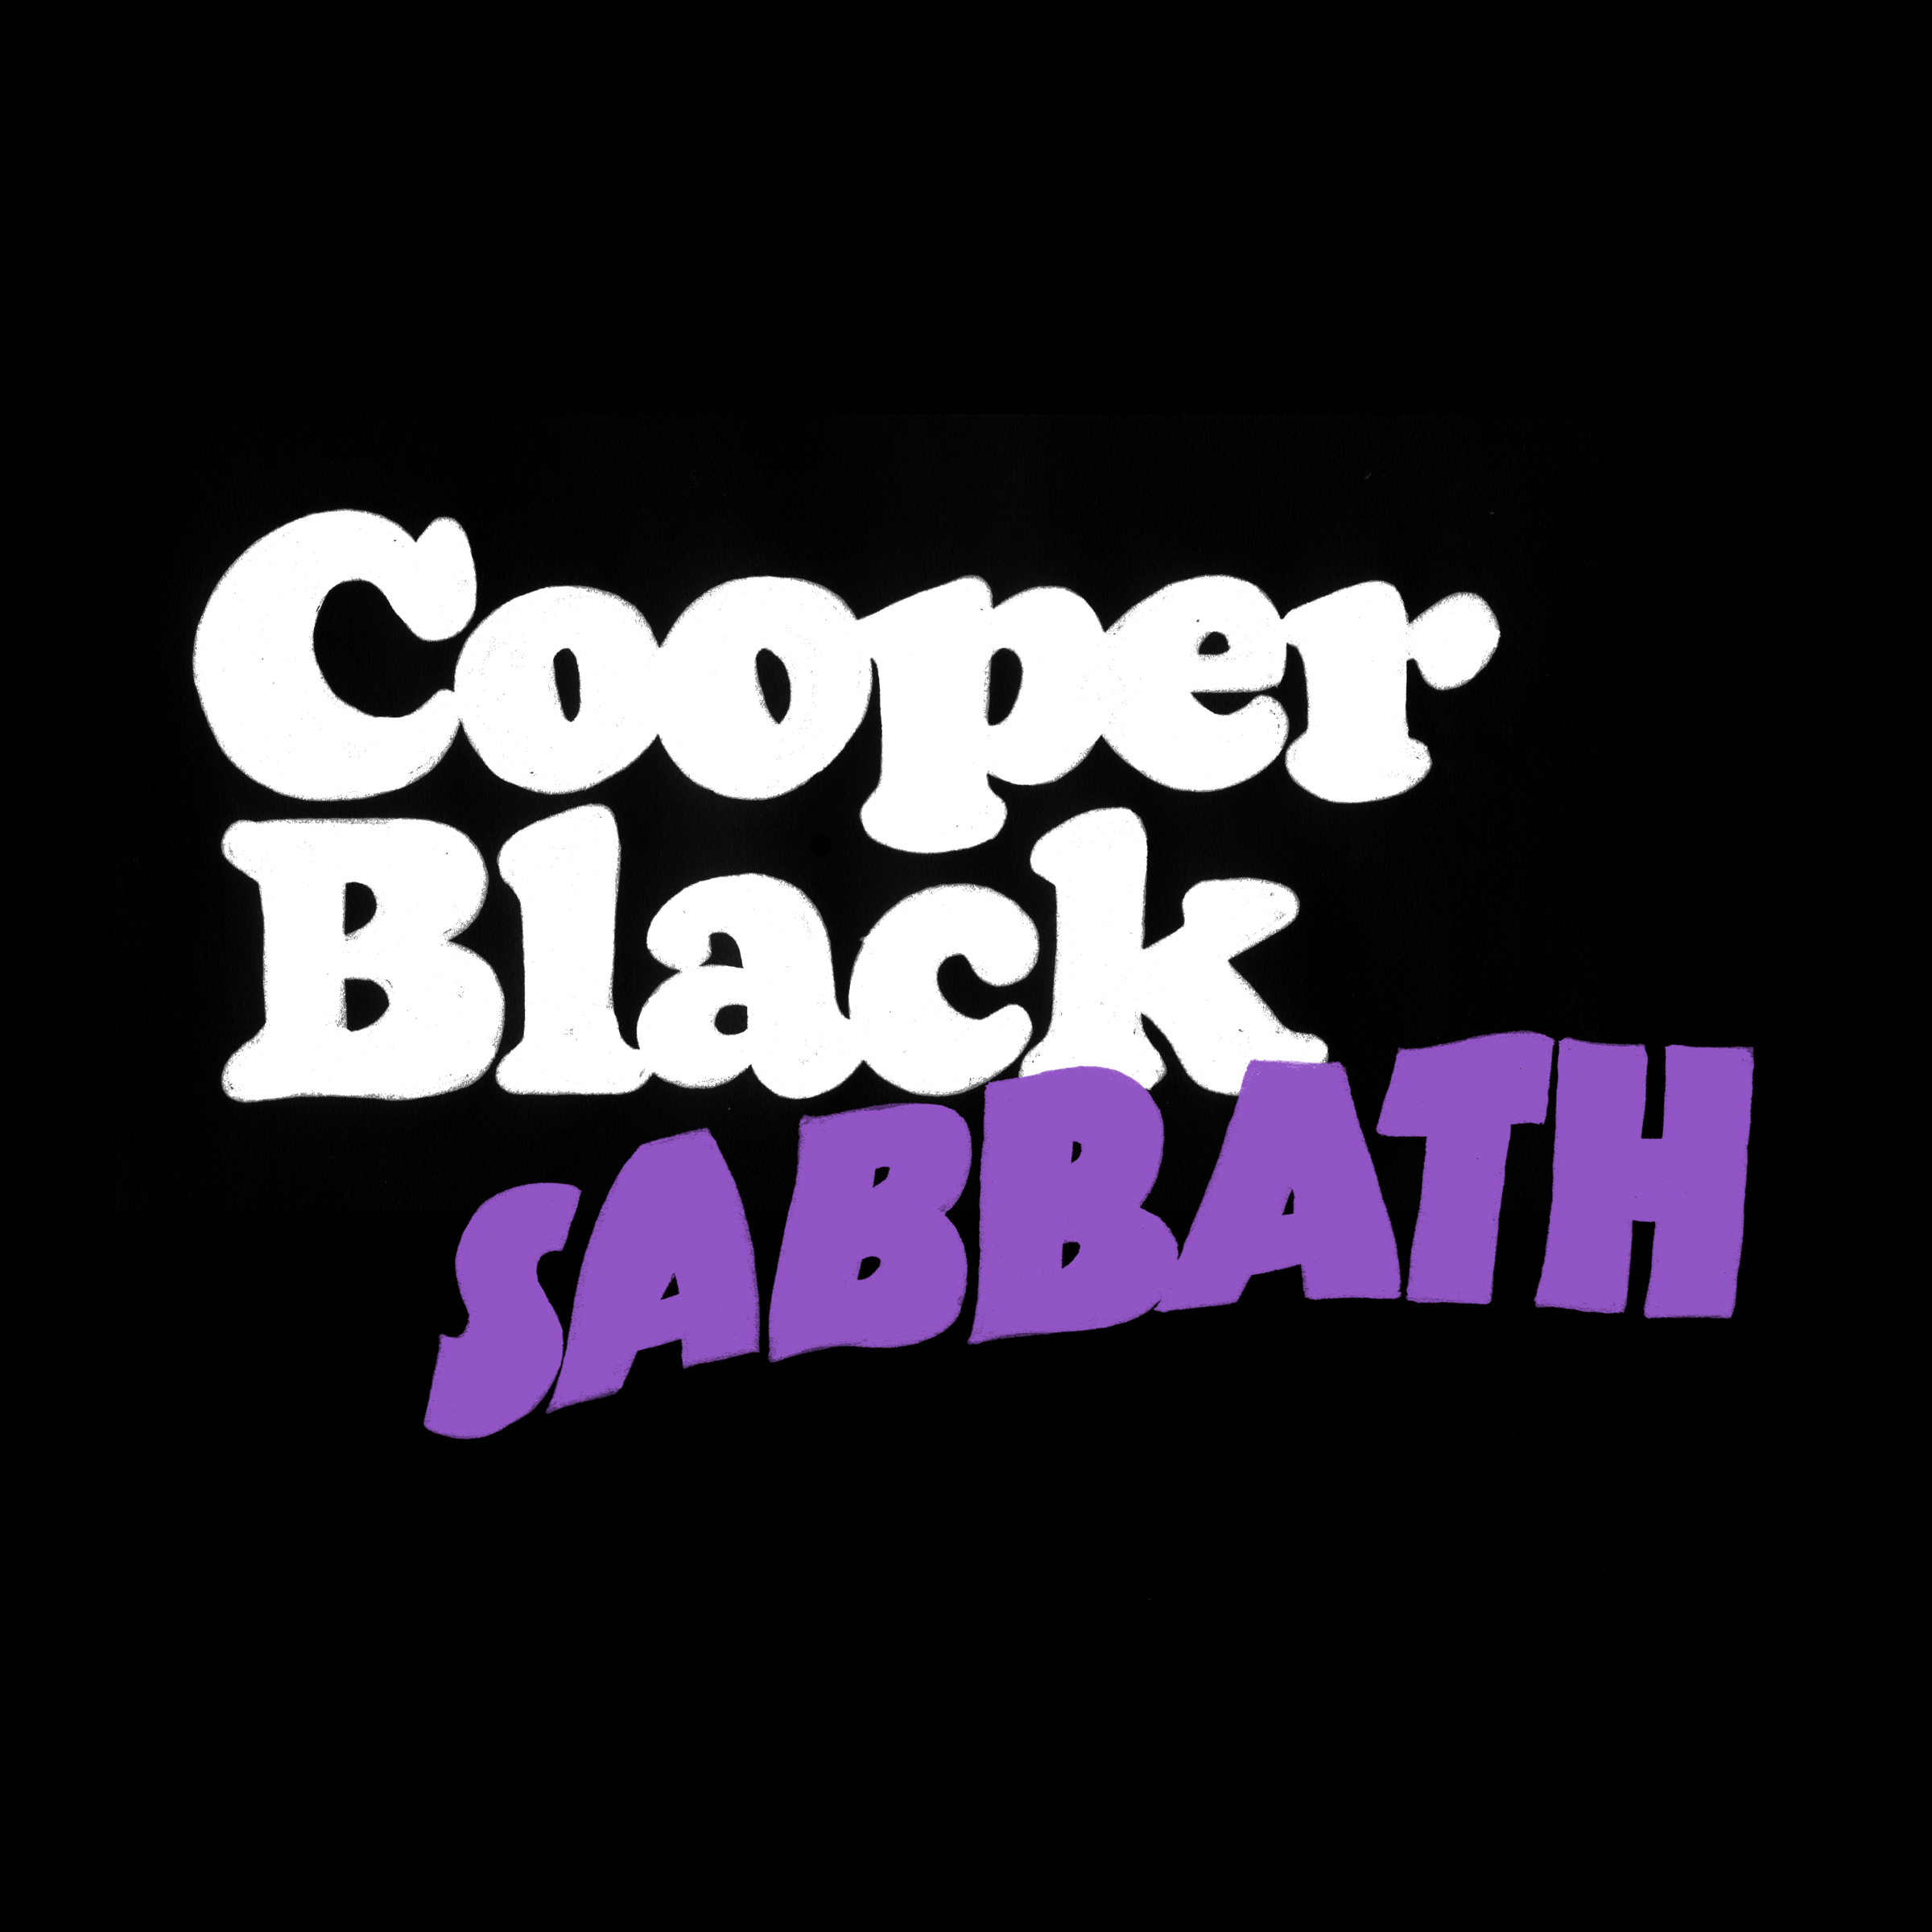 297-cooper-black-sabbath.png